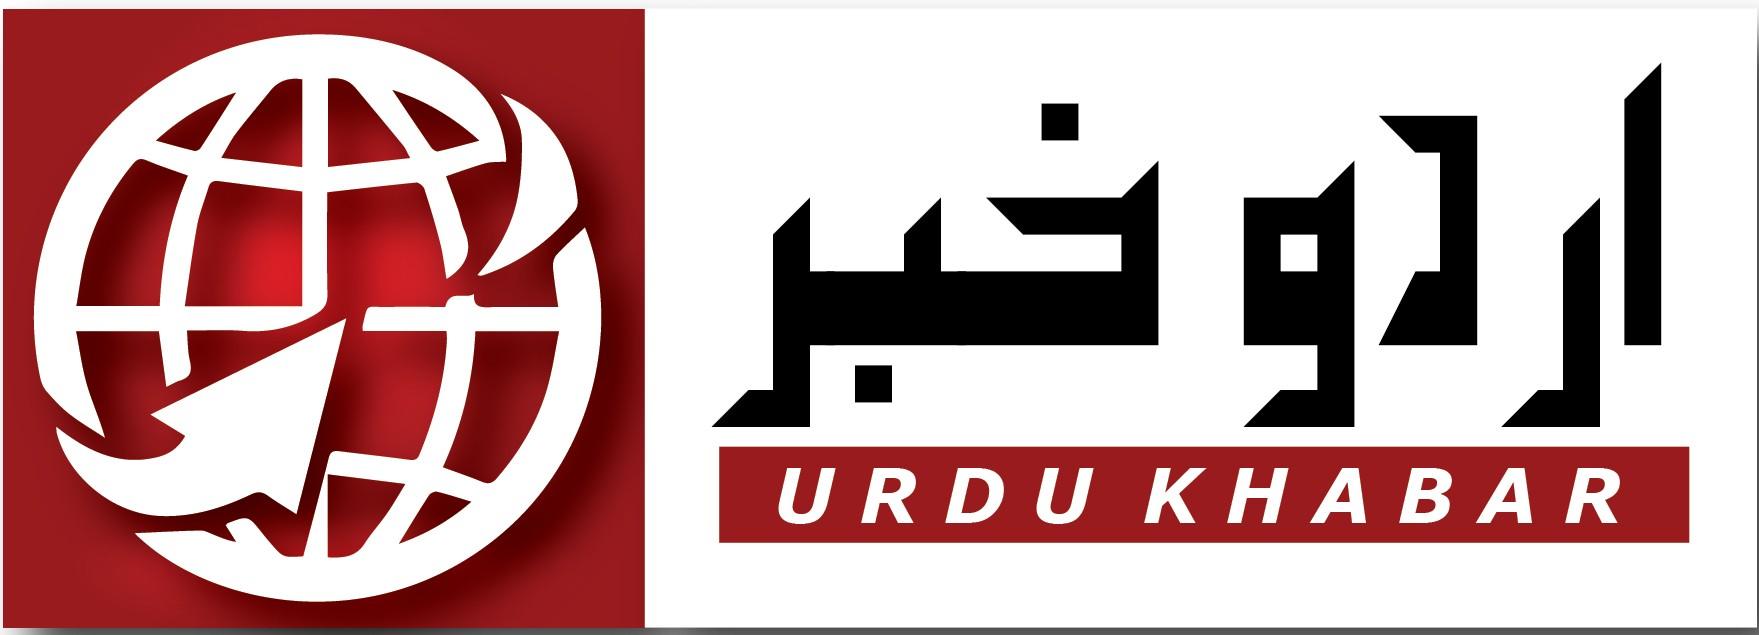 اردو خبر